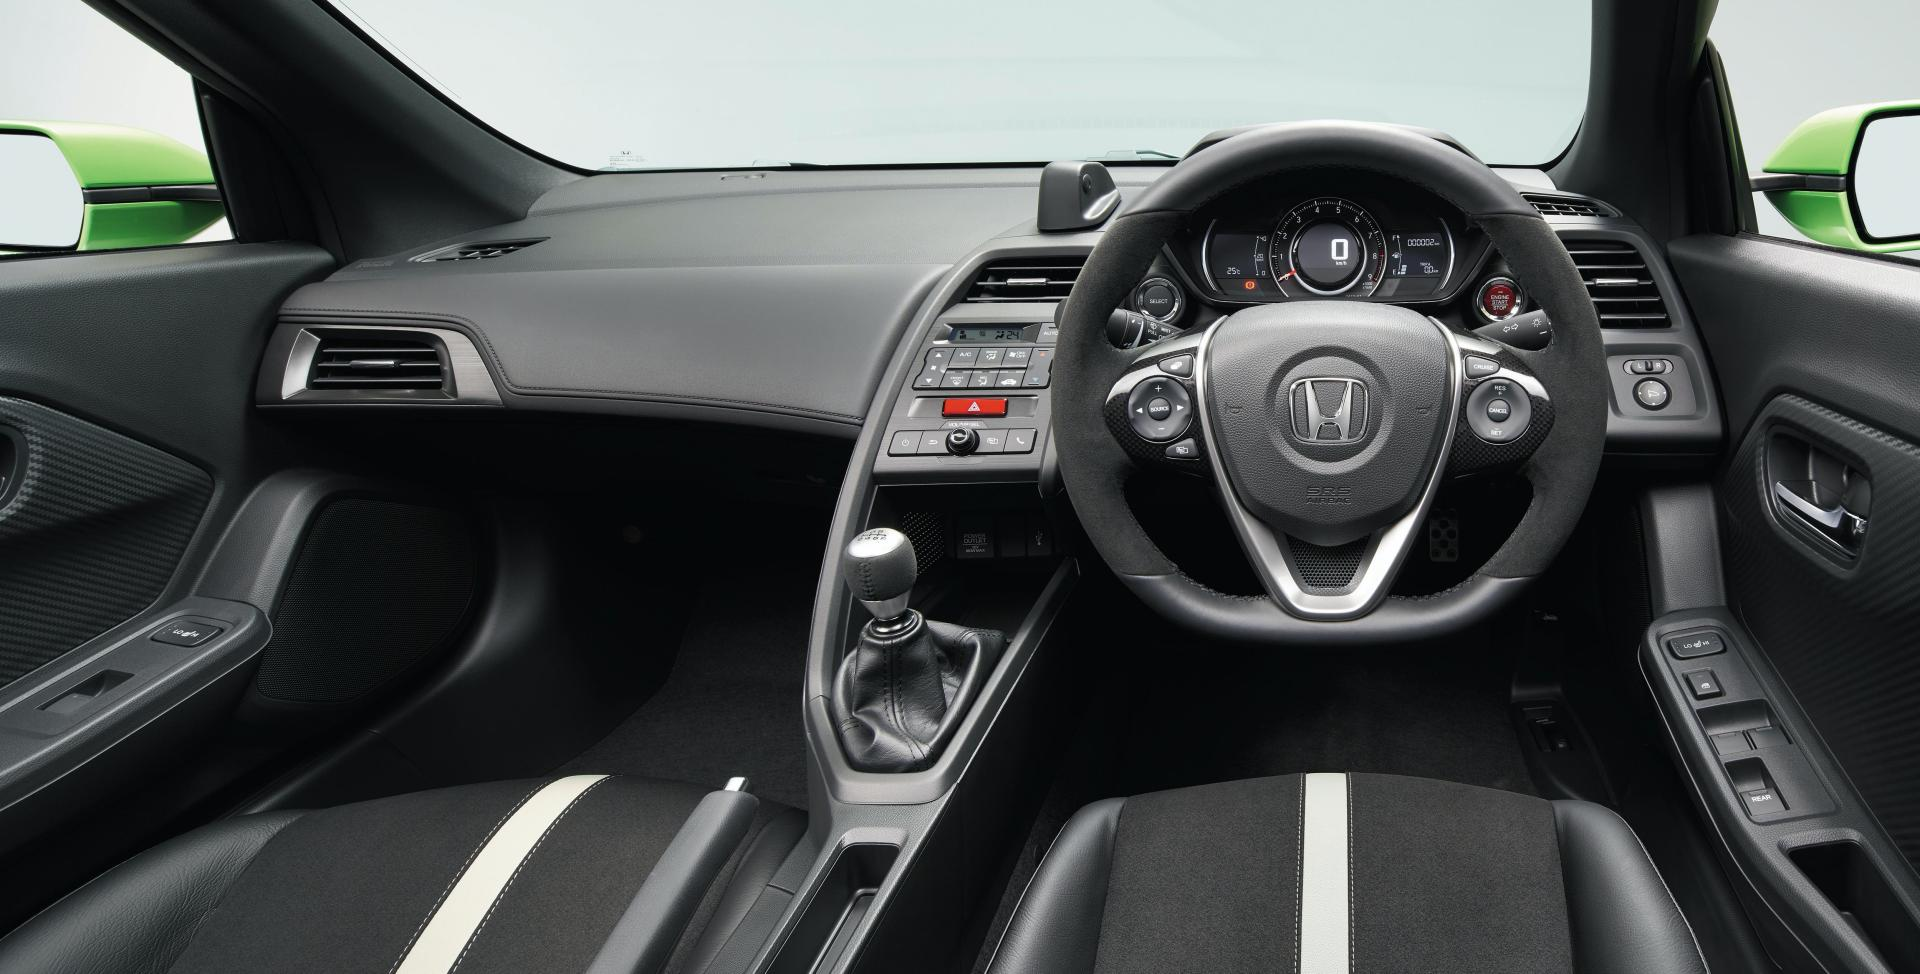 2020_Honda_S660_facelift_0005